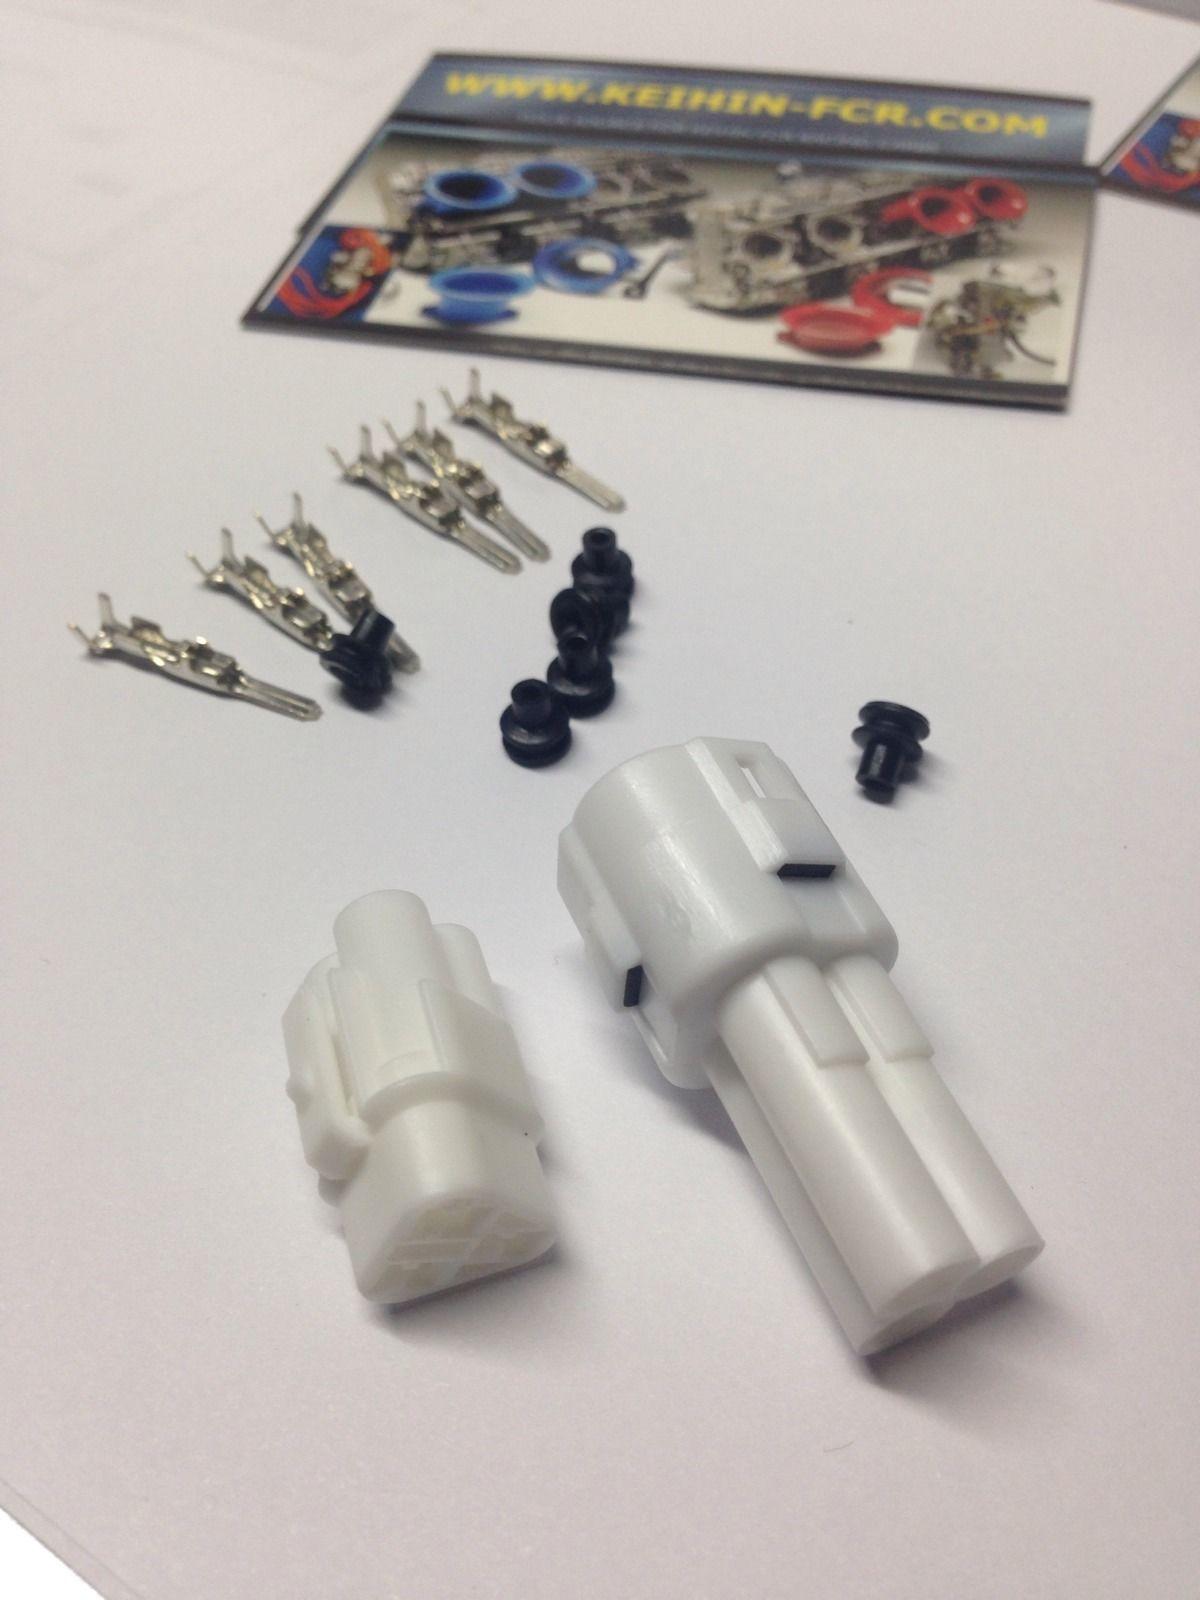 WWW KEIHIN-FCR COM : YAMAHA Carburetor Carb TPS repair kit